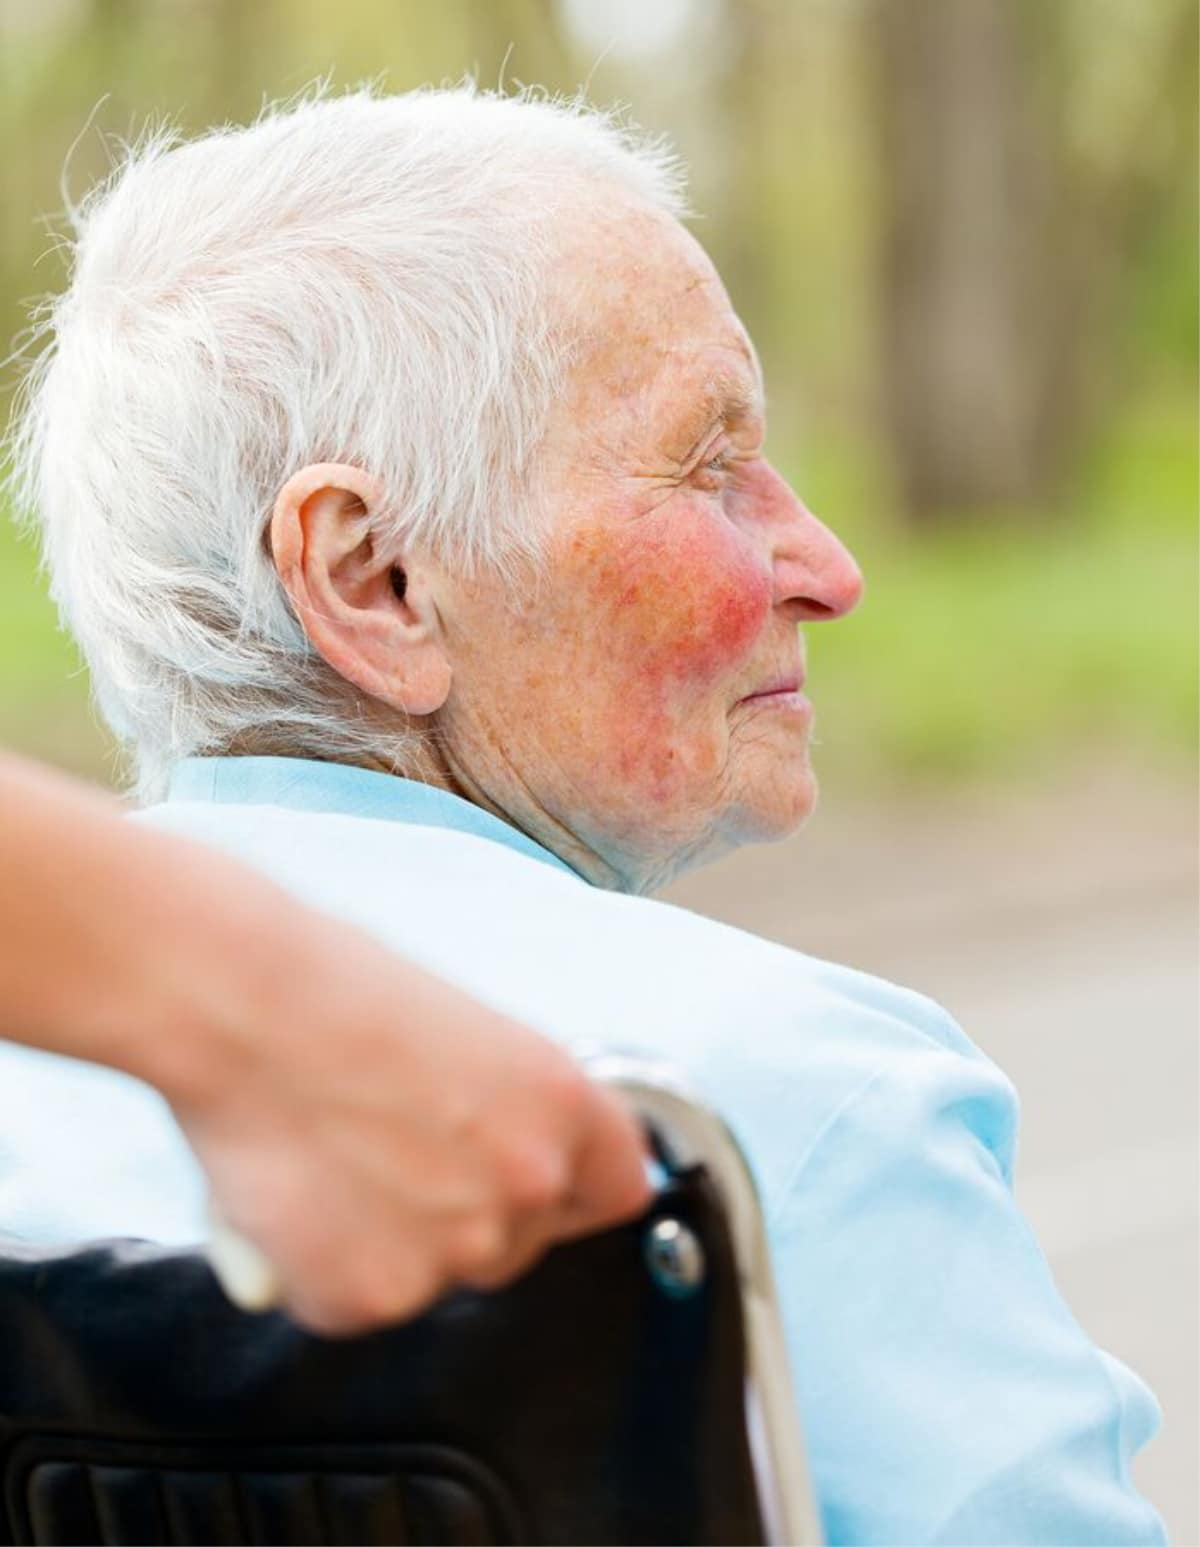 Homecare in Buford GA: Skin Care Tips